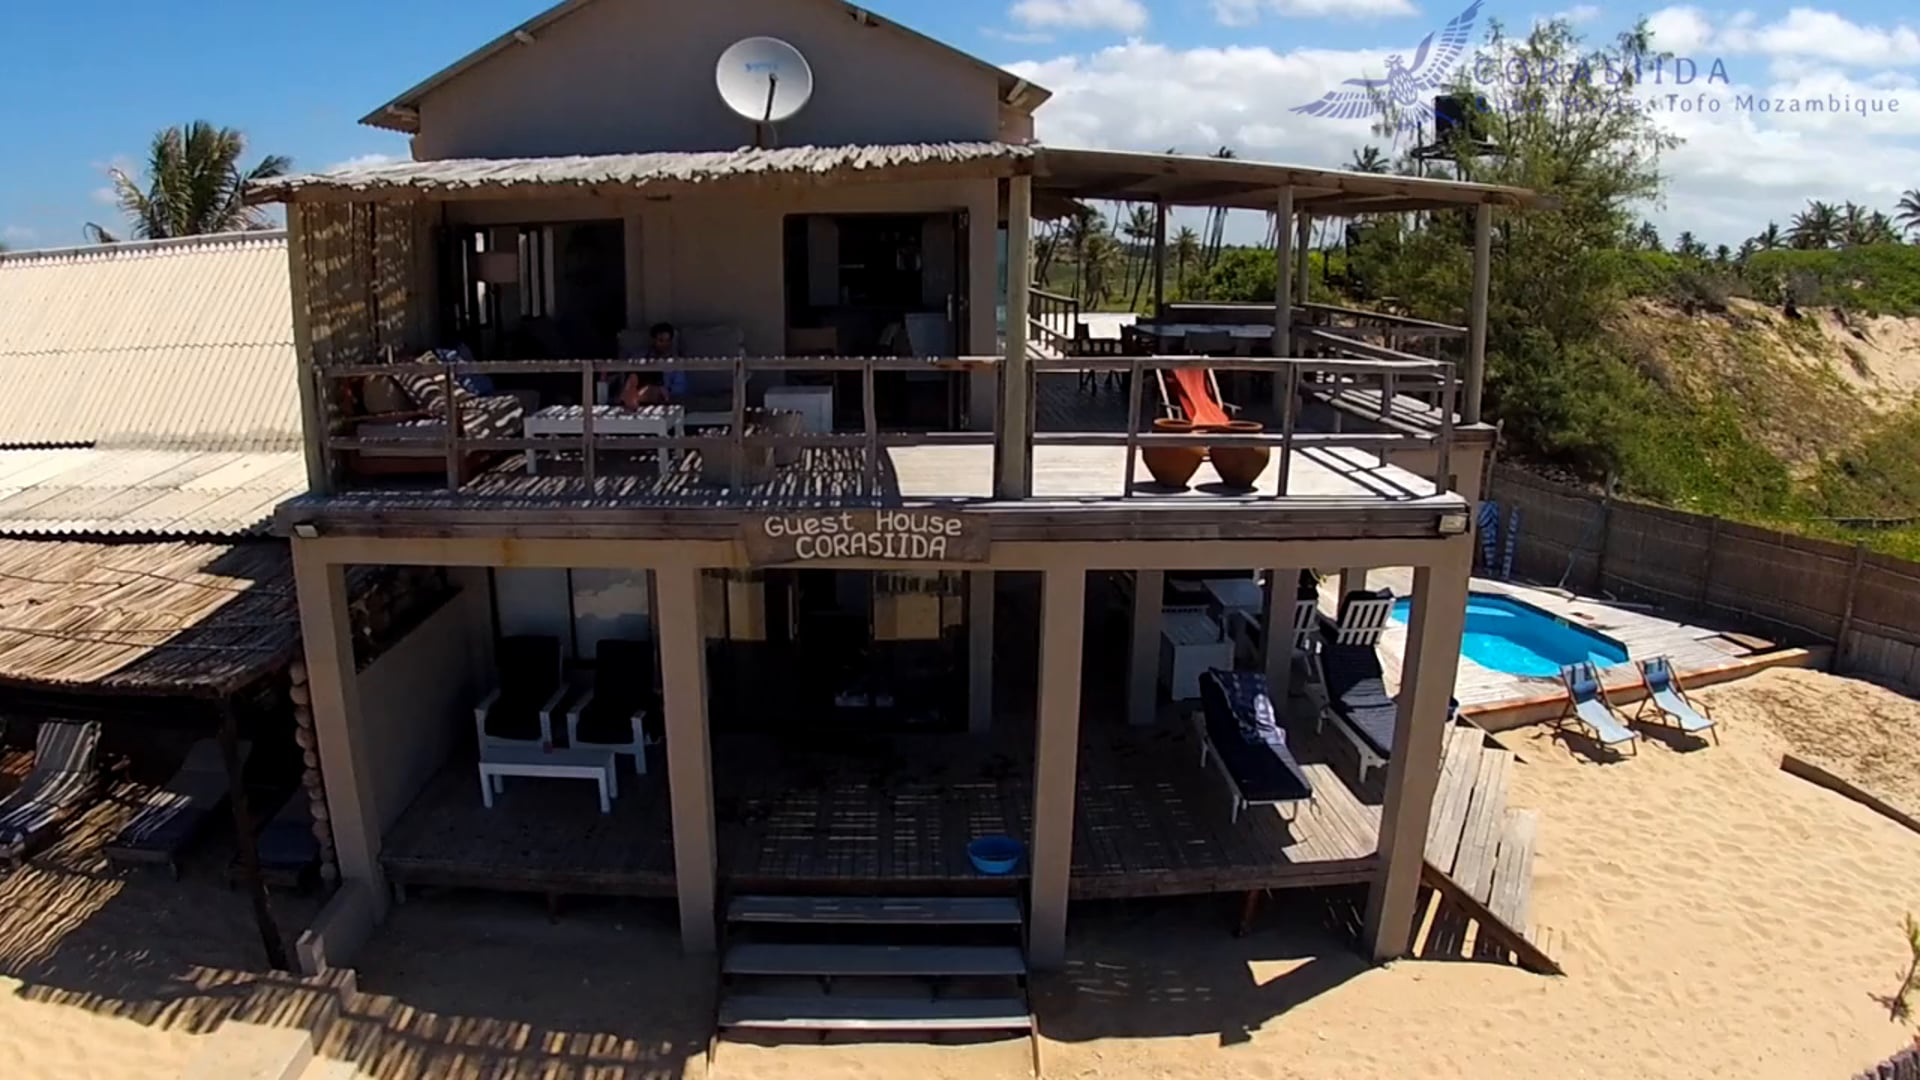 Mozambique : Tofo : Corasiida Guesthouse